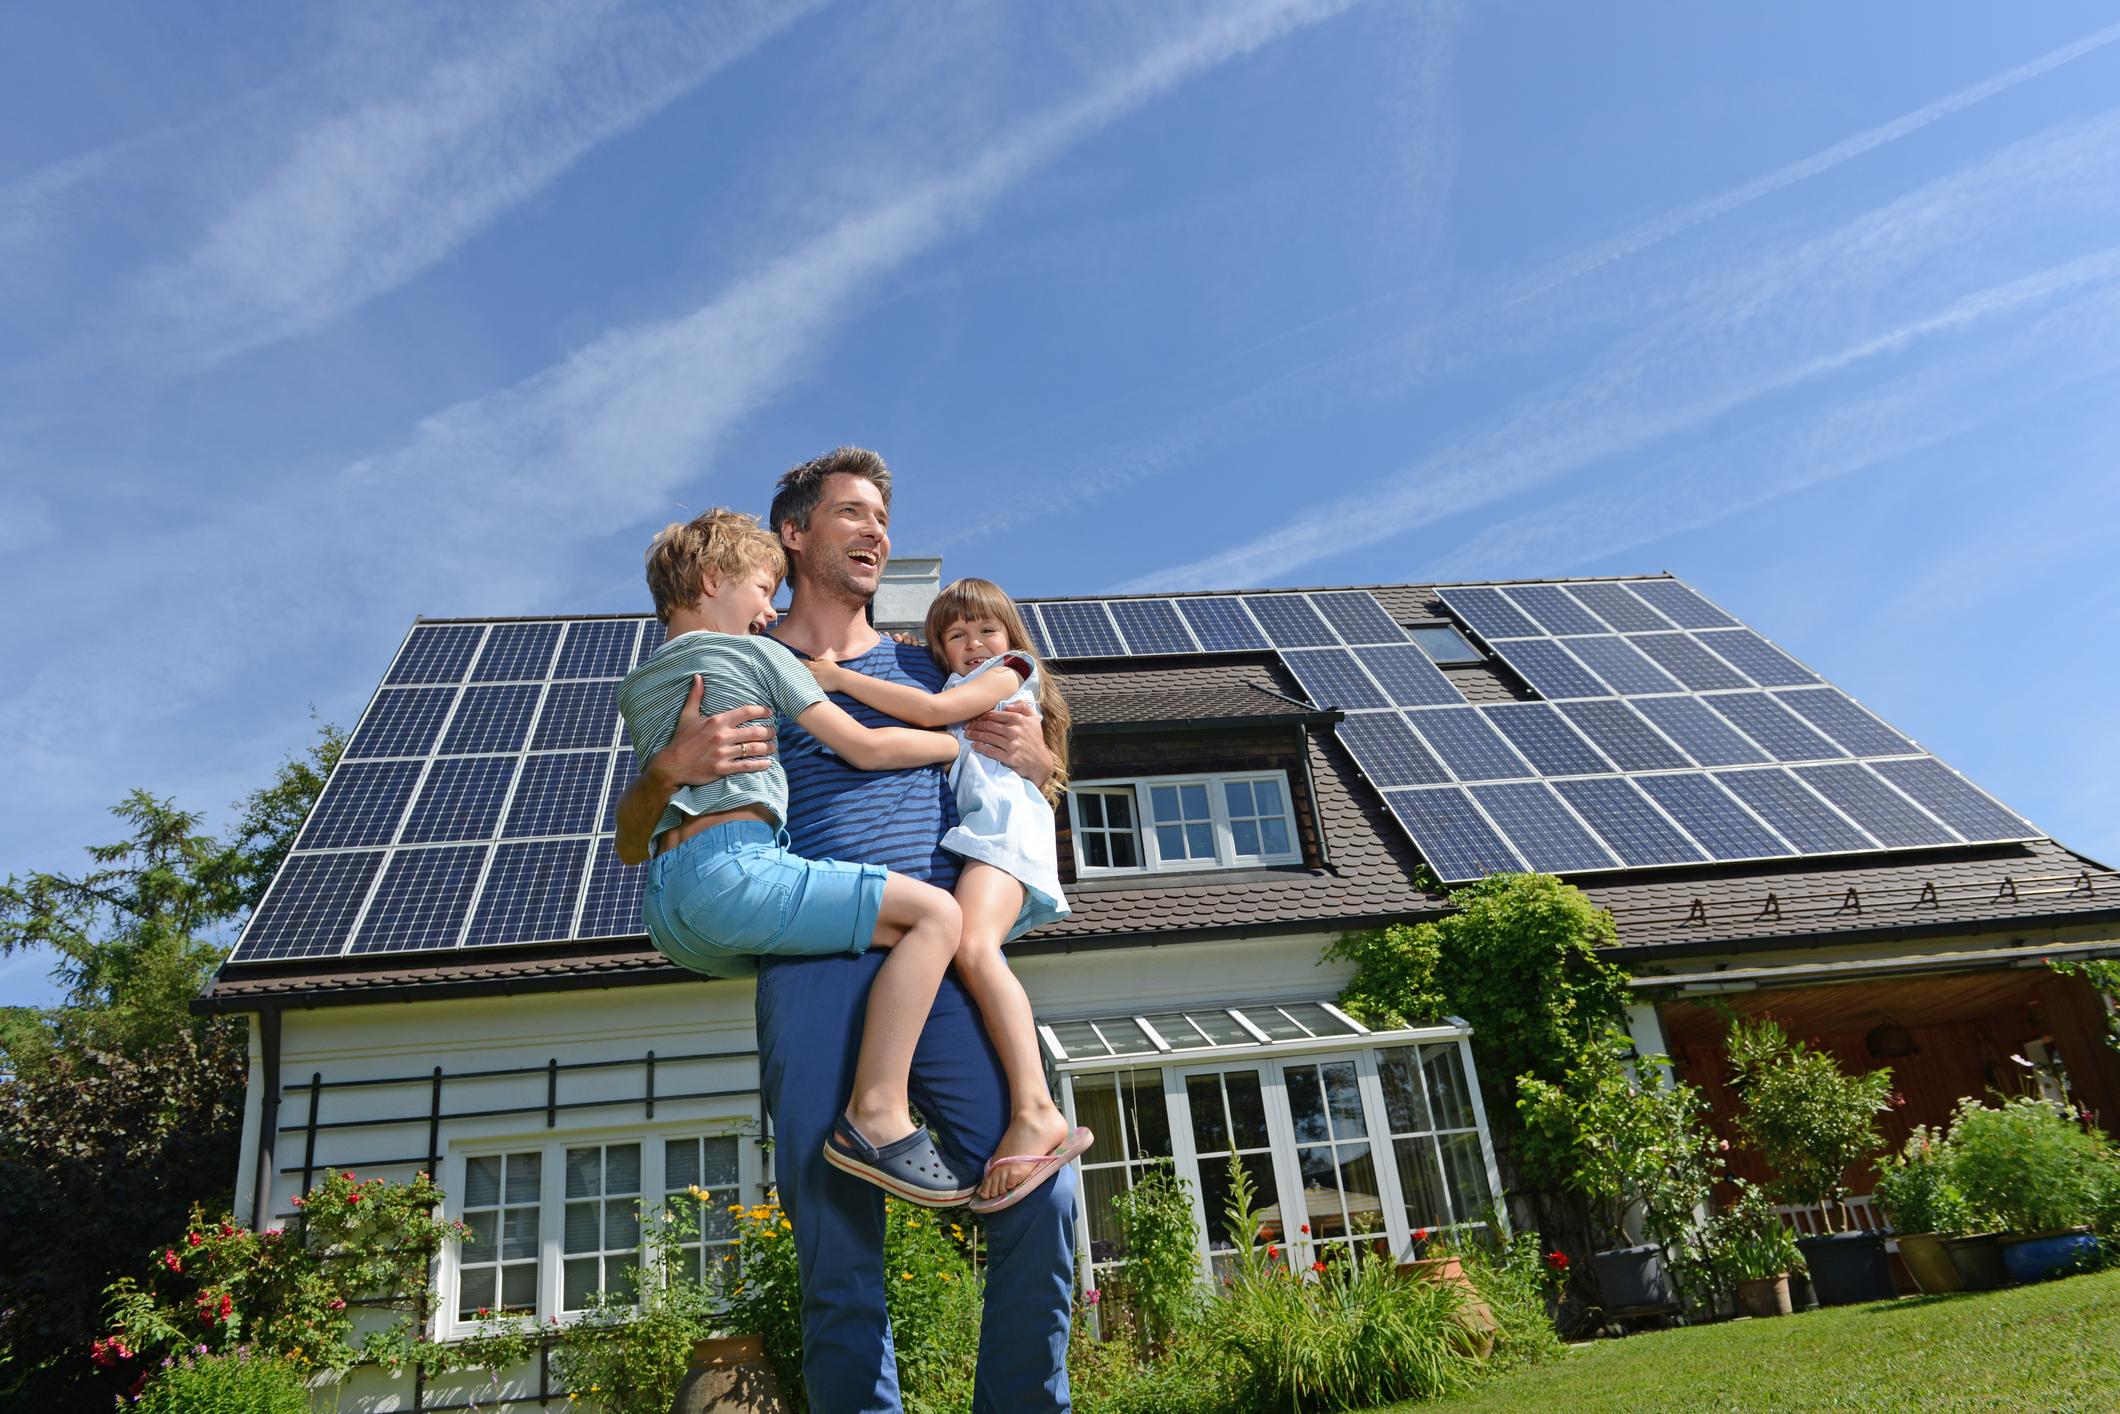 Oszczędzaj na rachunkach za prąd, zamień słońce w energię z IKEA